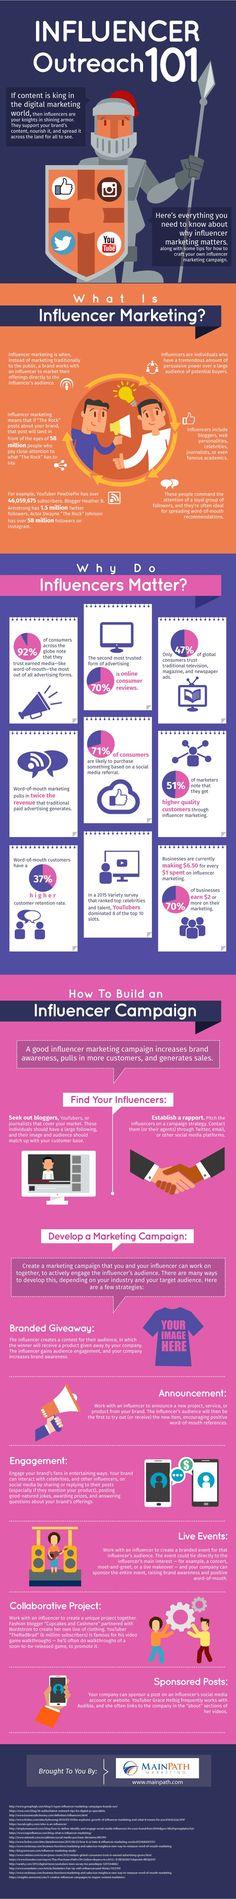 Influencer Outreach 101 - #infographic